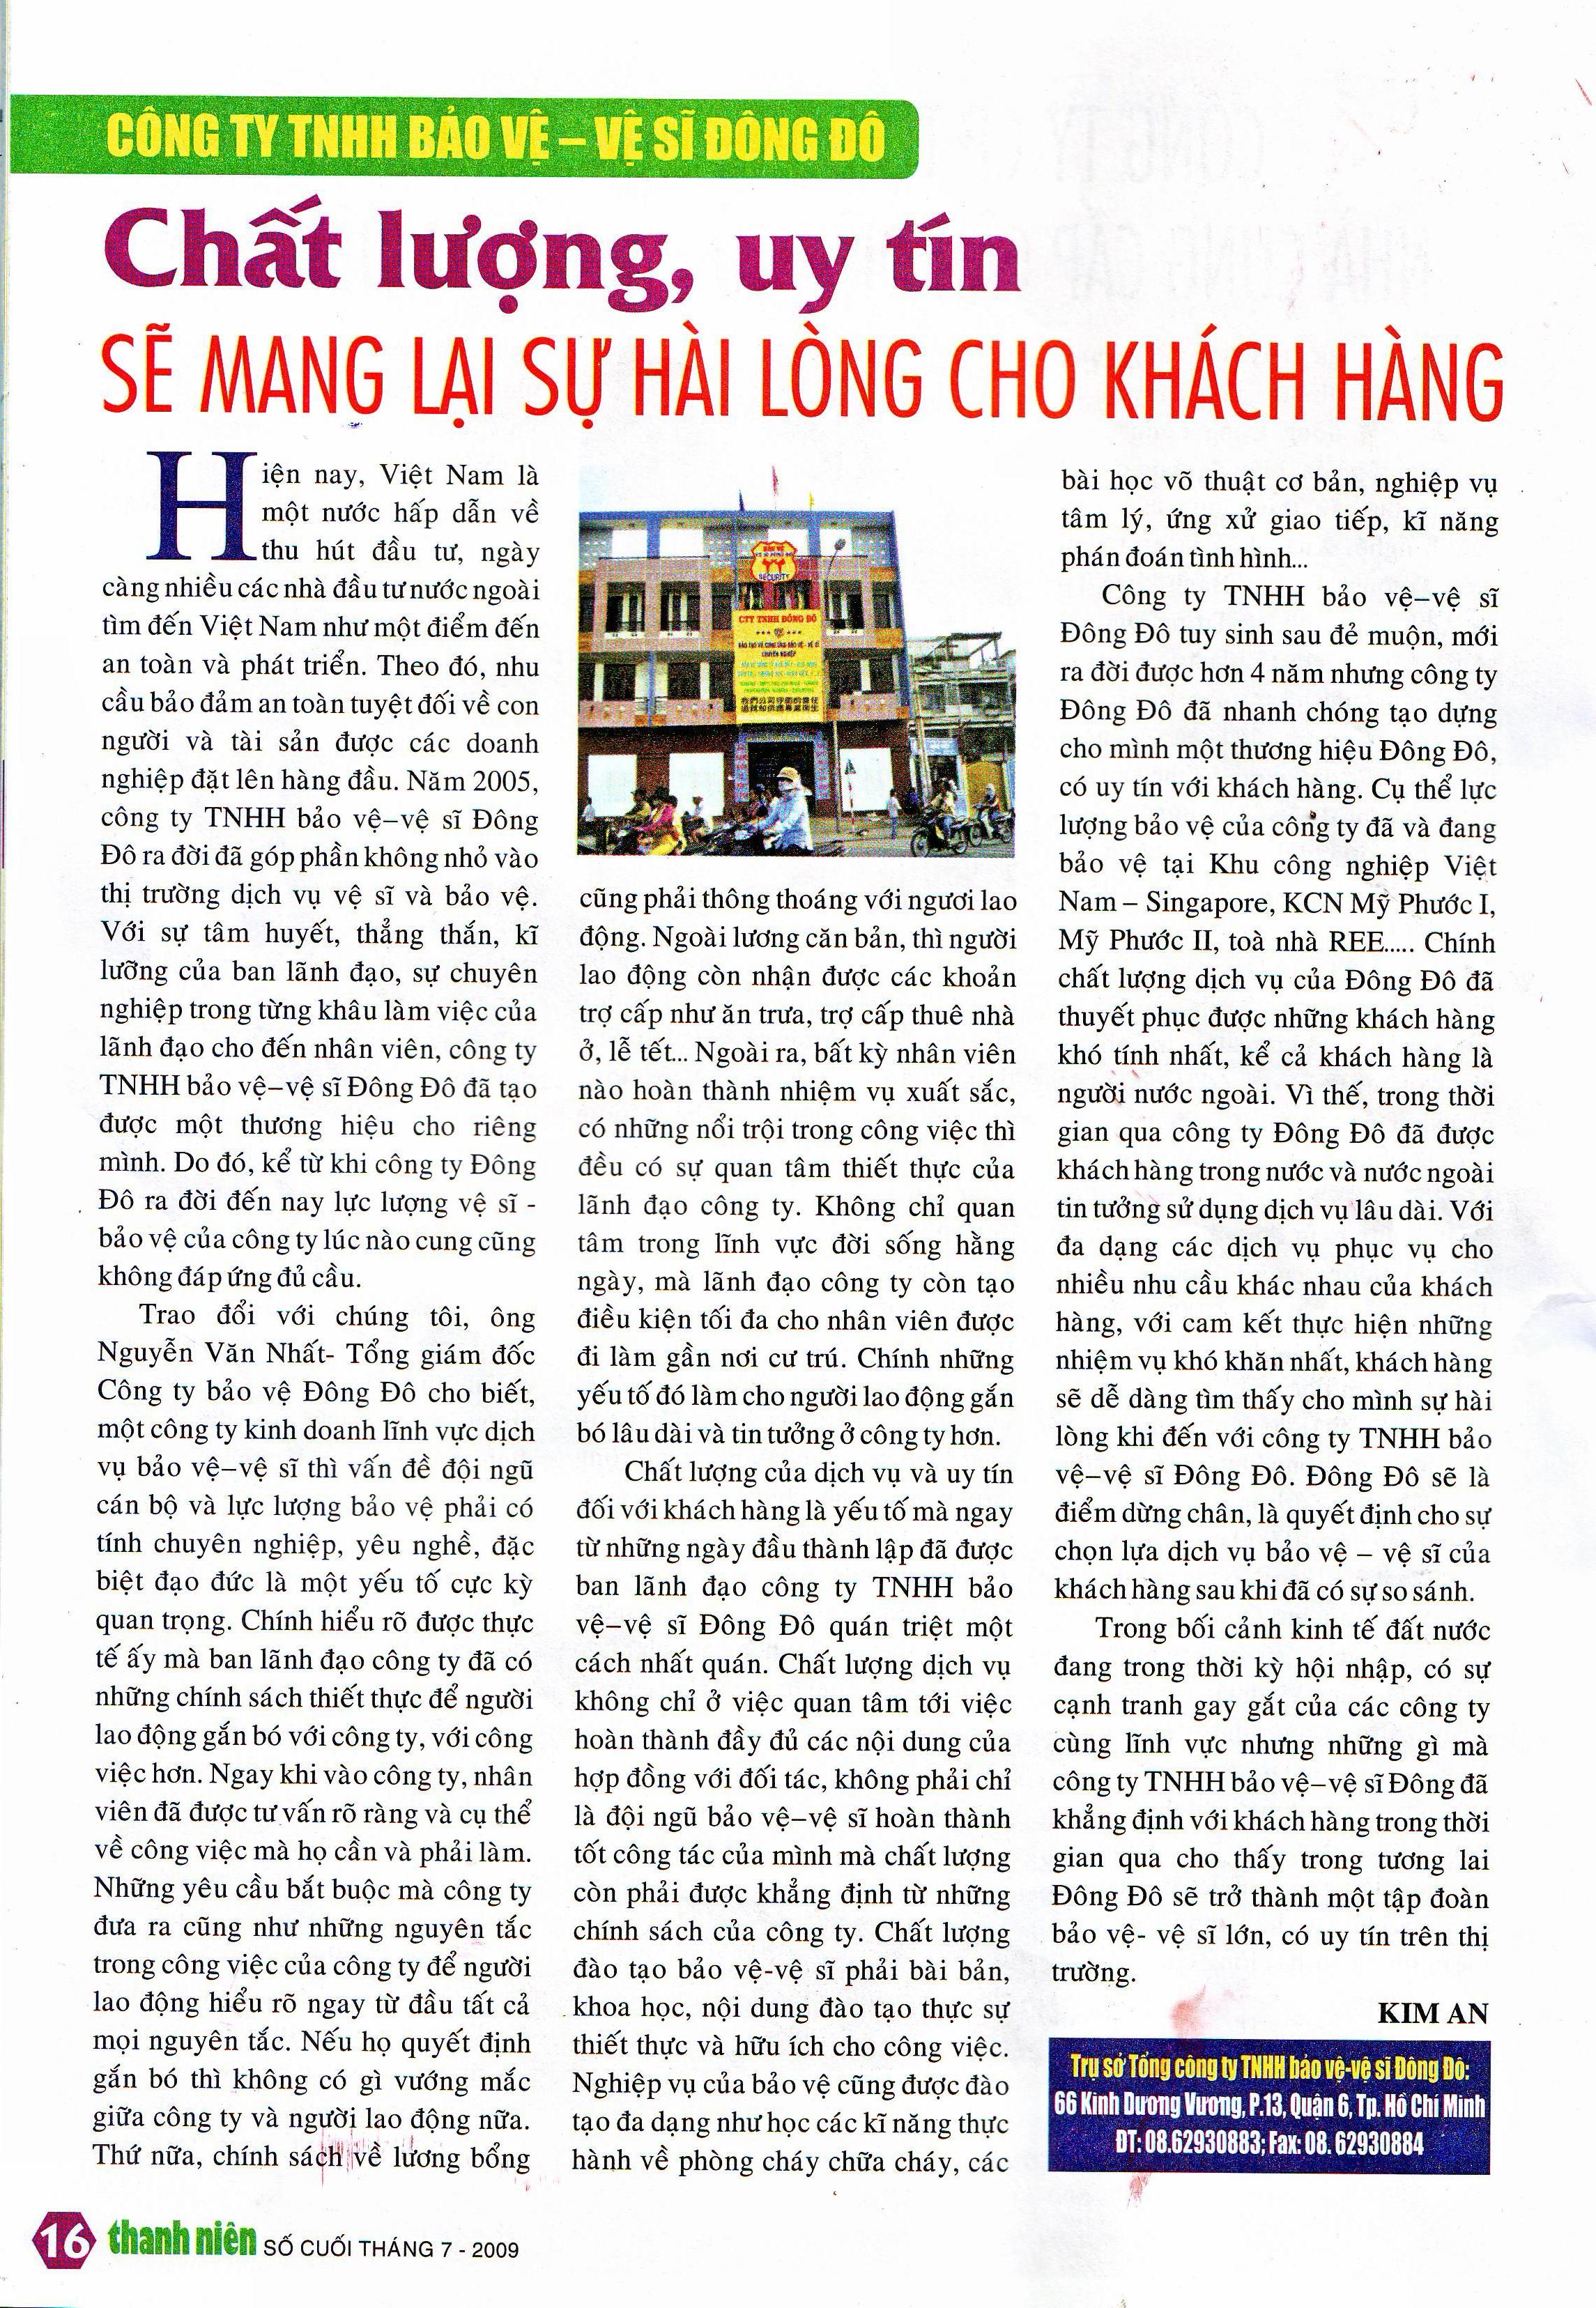 Báo Thanh niên viết về công ty dịch vụ bảo vệ vệ sĩ Đông Đô